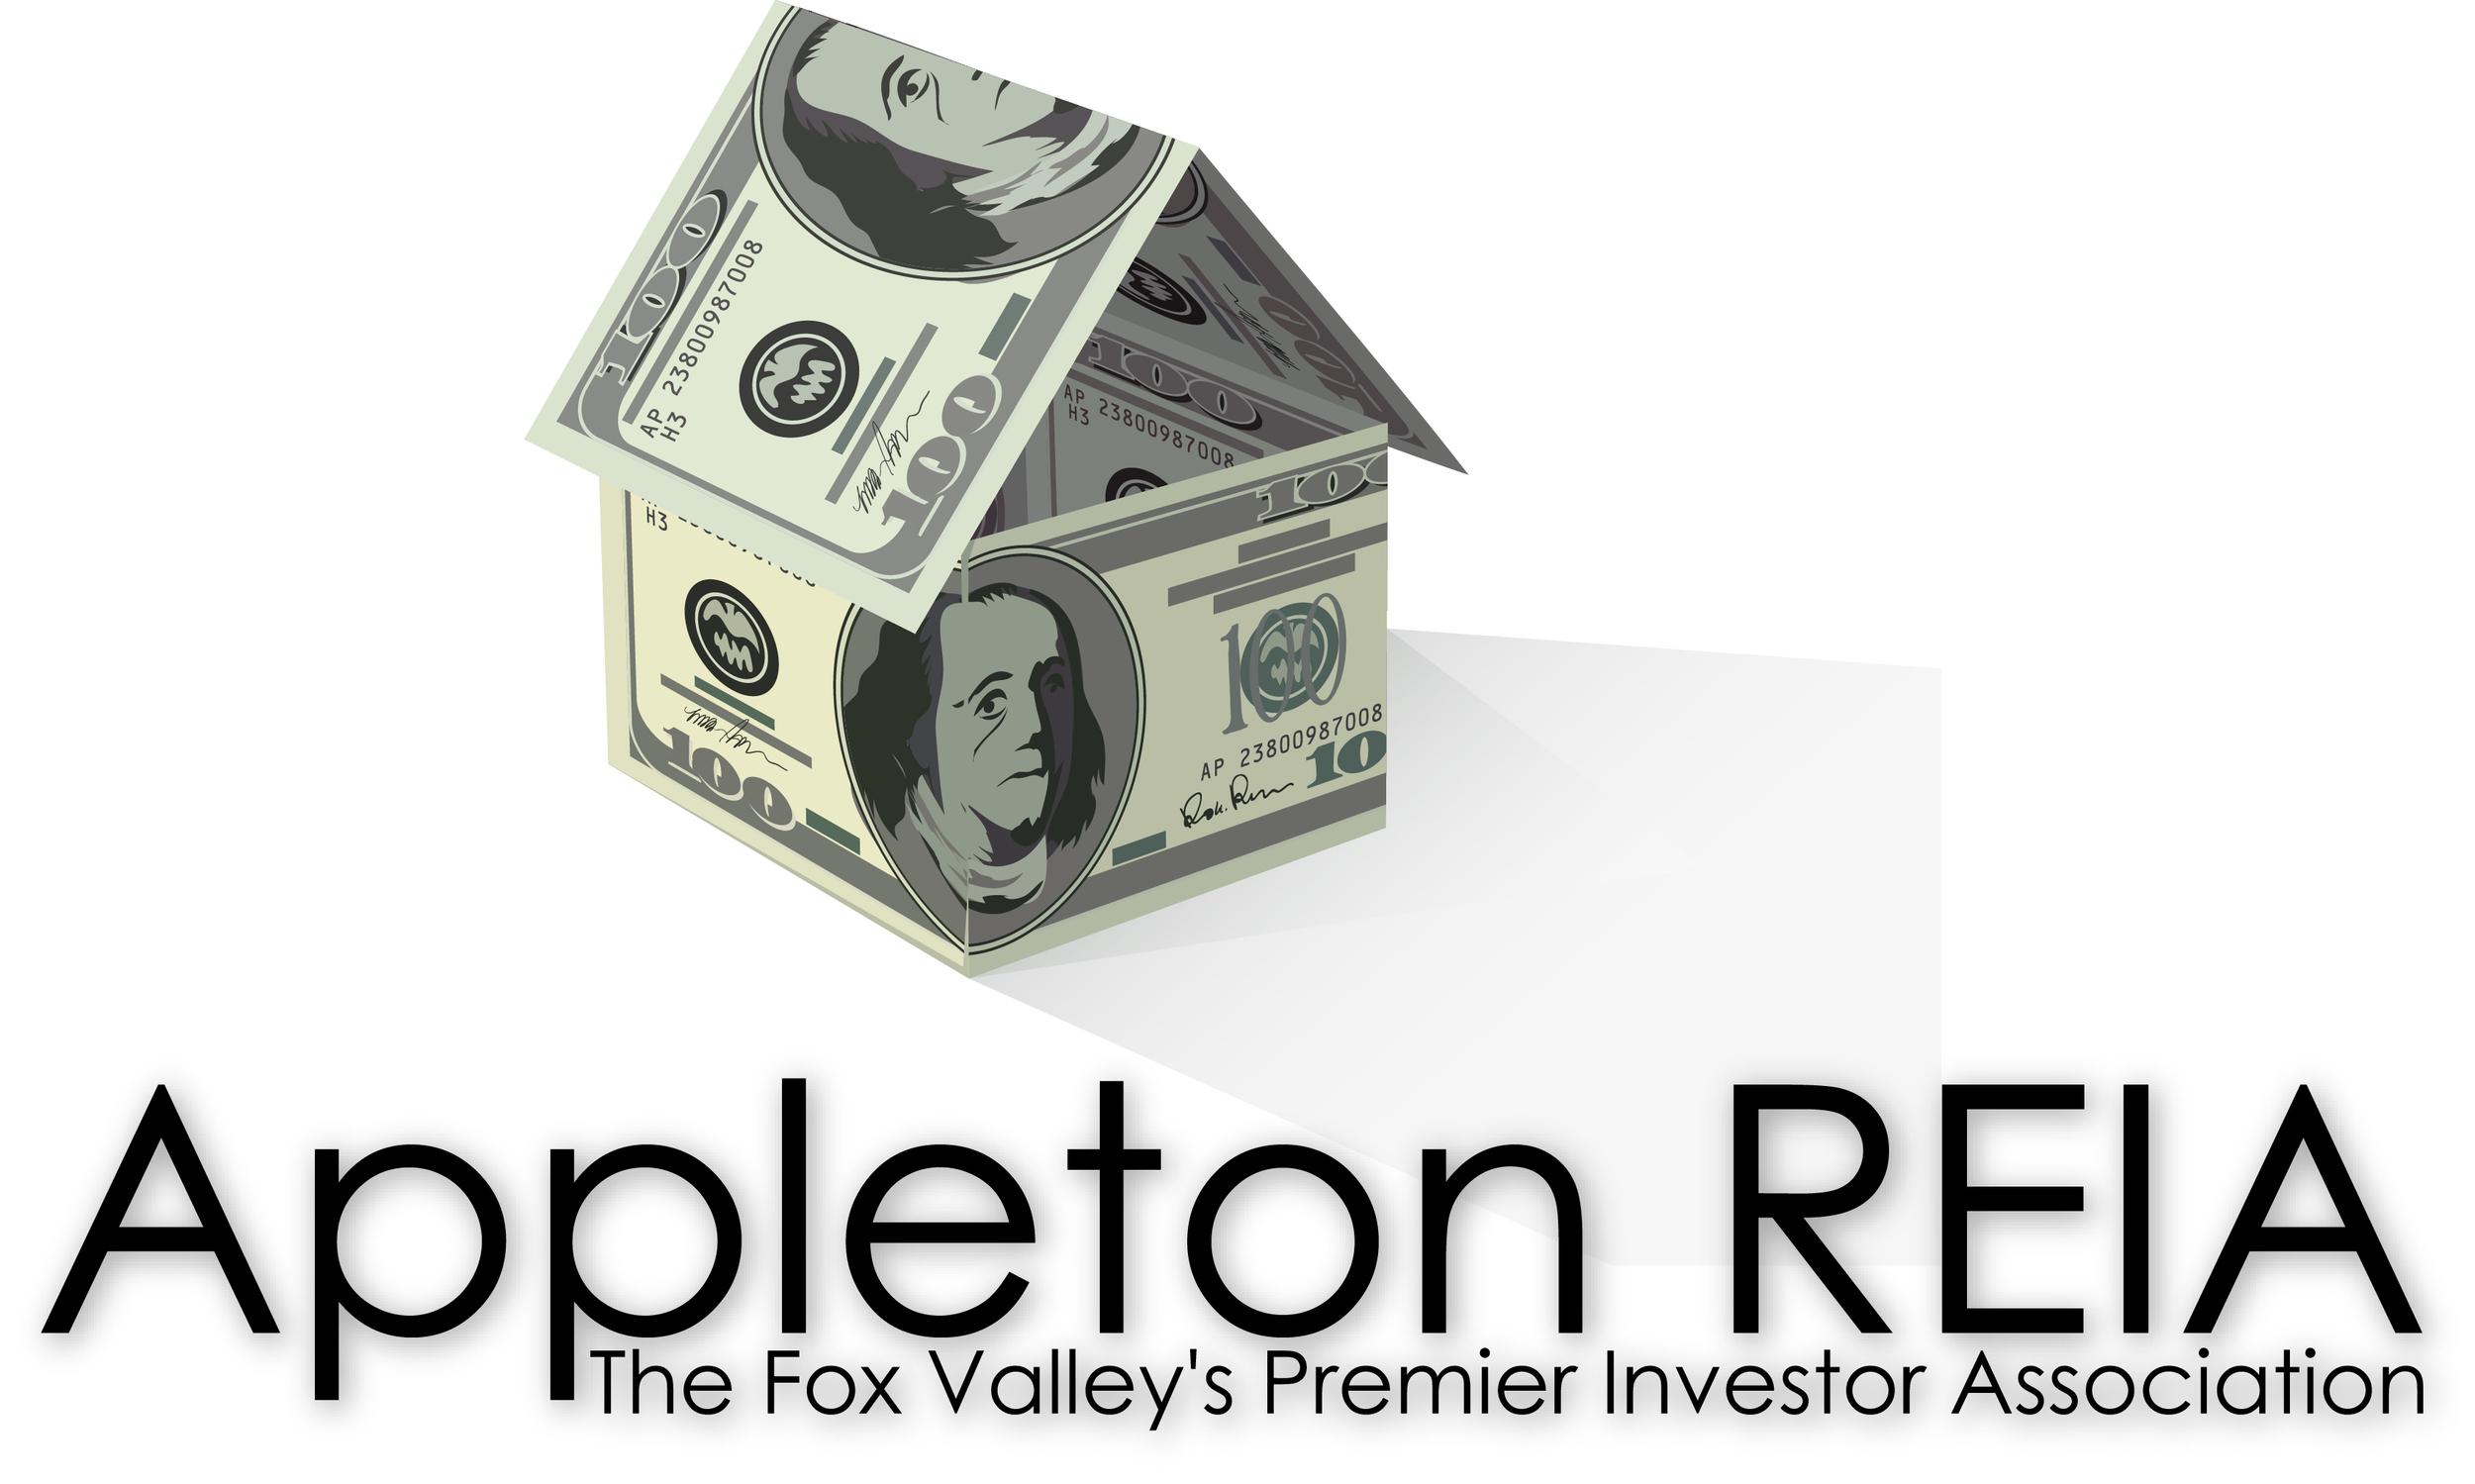 Visit AppletonREIA.com for more info!